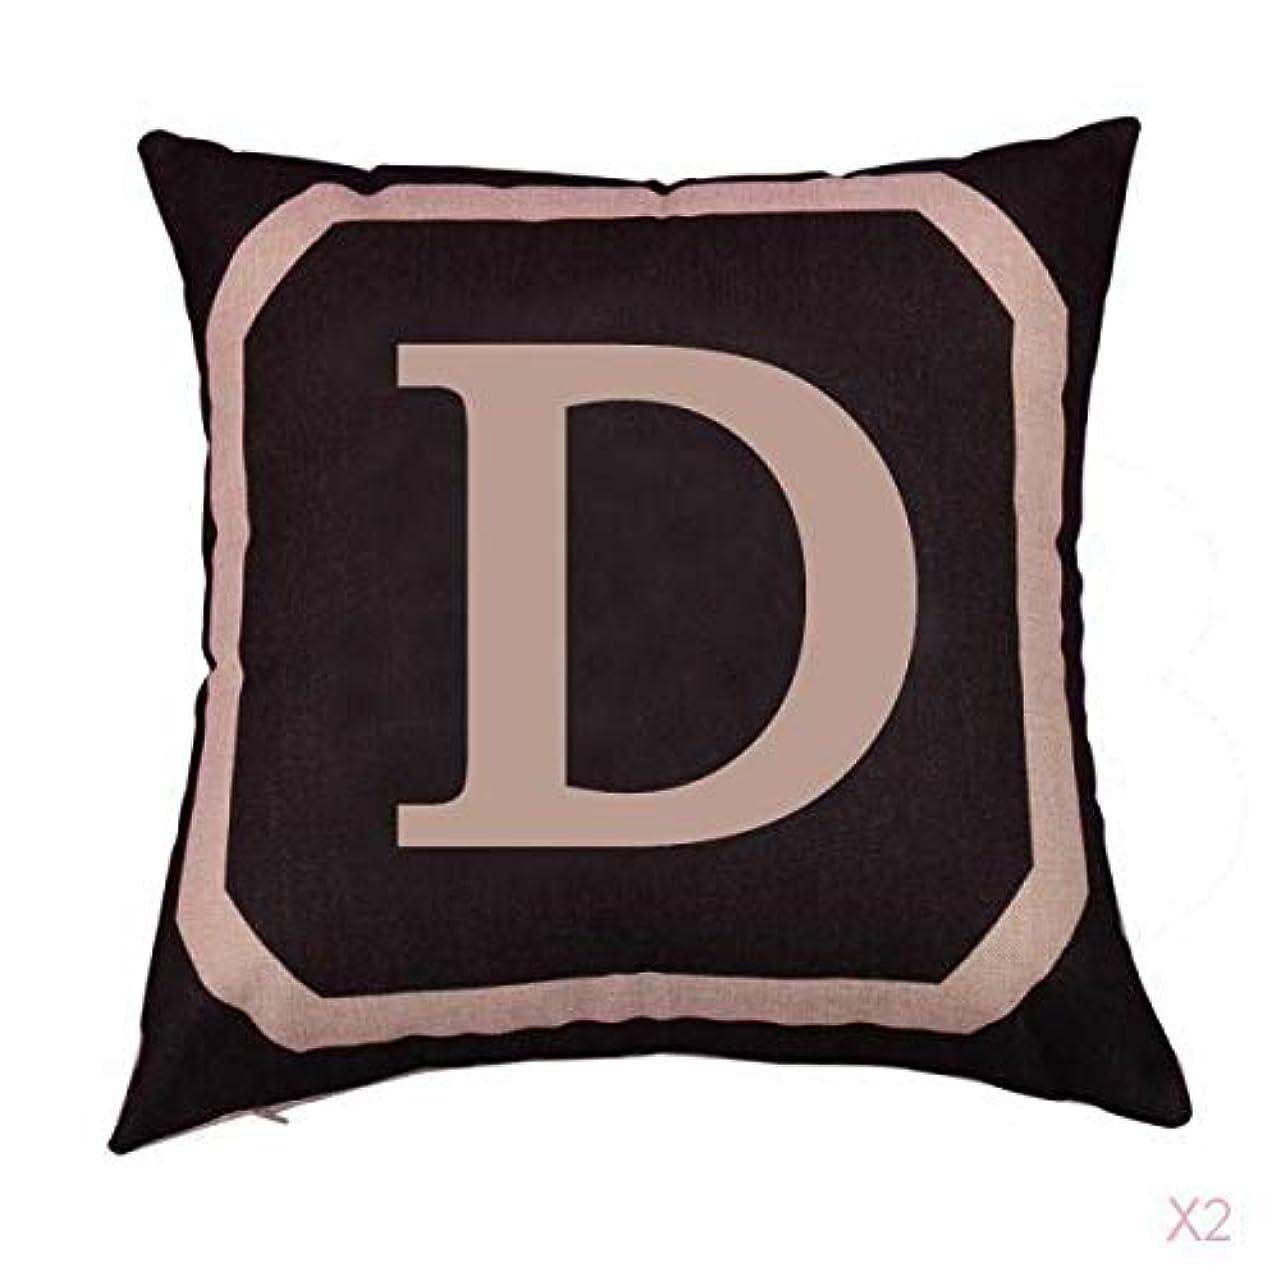 パックその何正方形の綿のリネンスローピローケース腰クッションカバーベッドソファ装飾さd